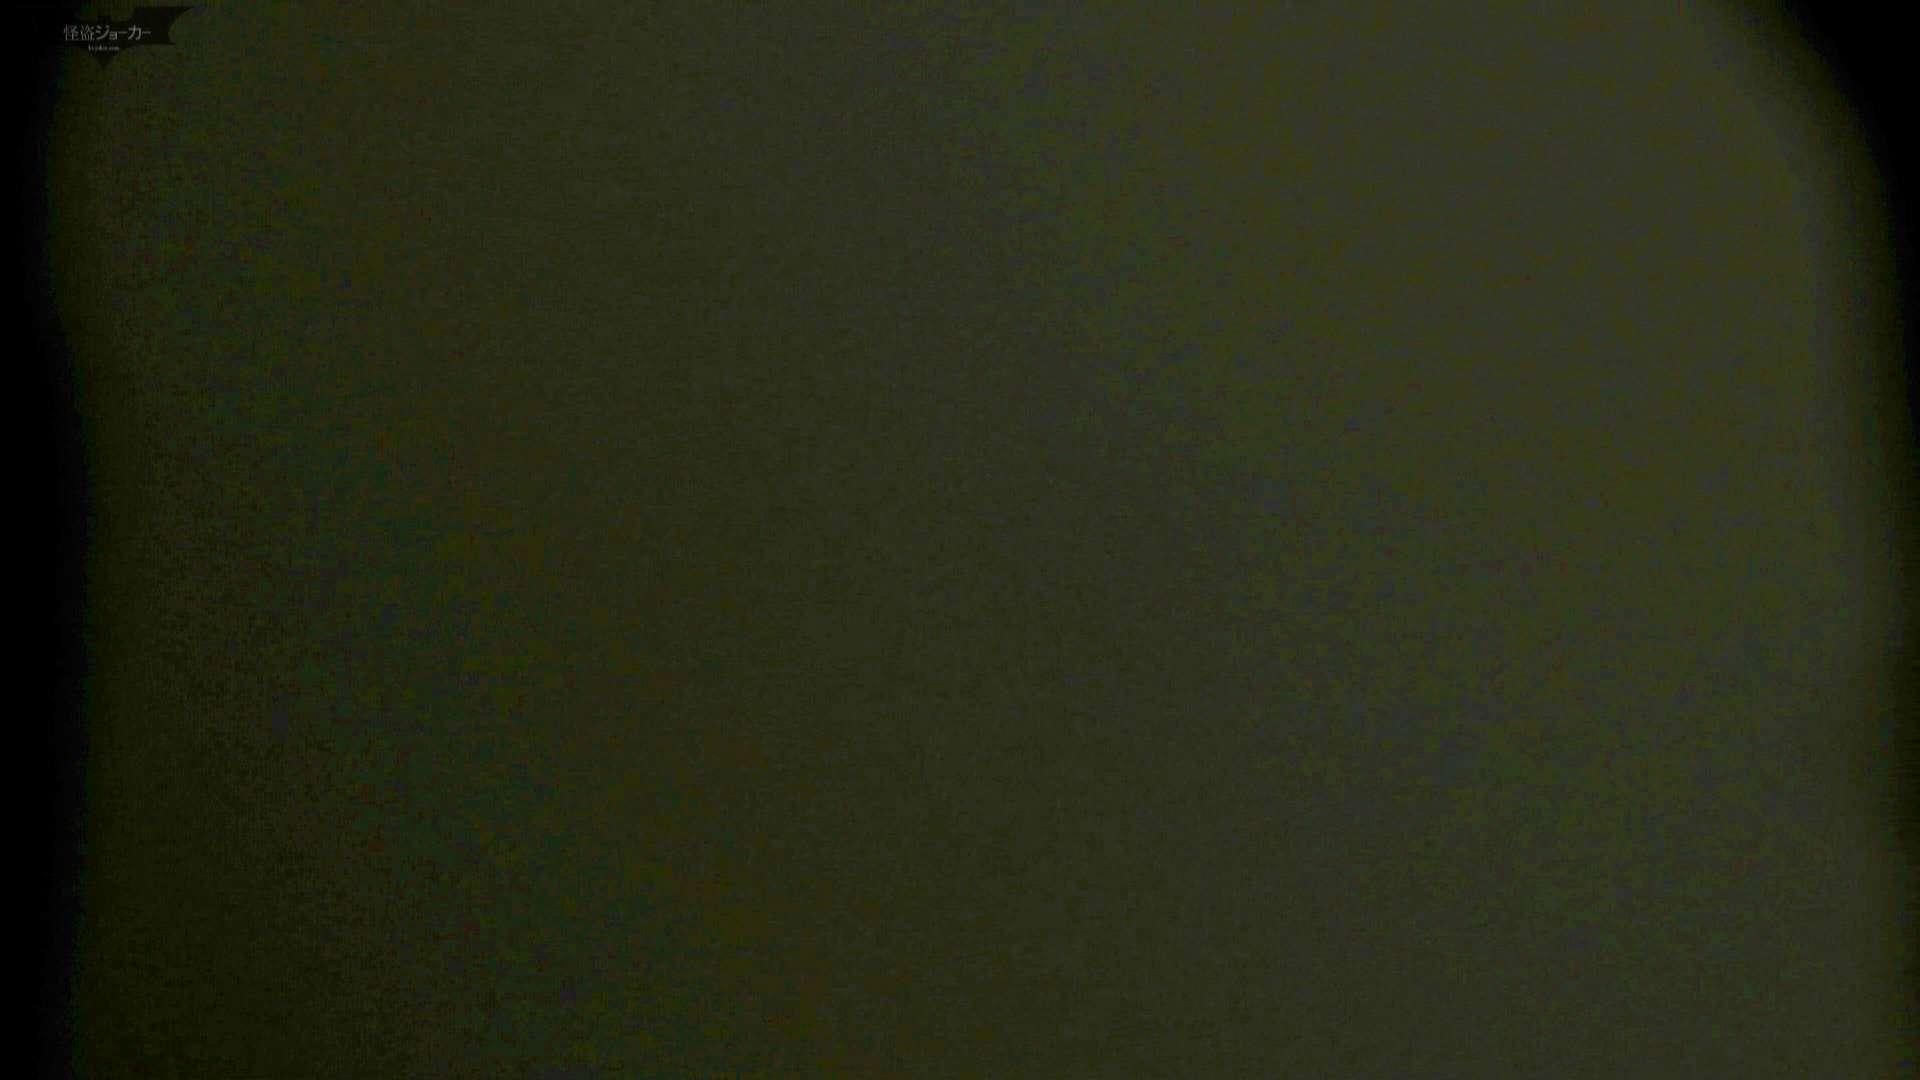 洗面所特攻隊 vol.71「vol.66 最後の女性」が【2015・27位】 高画質動画 ヌード画像 90画像 5